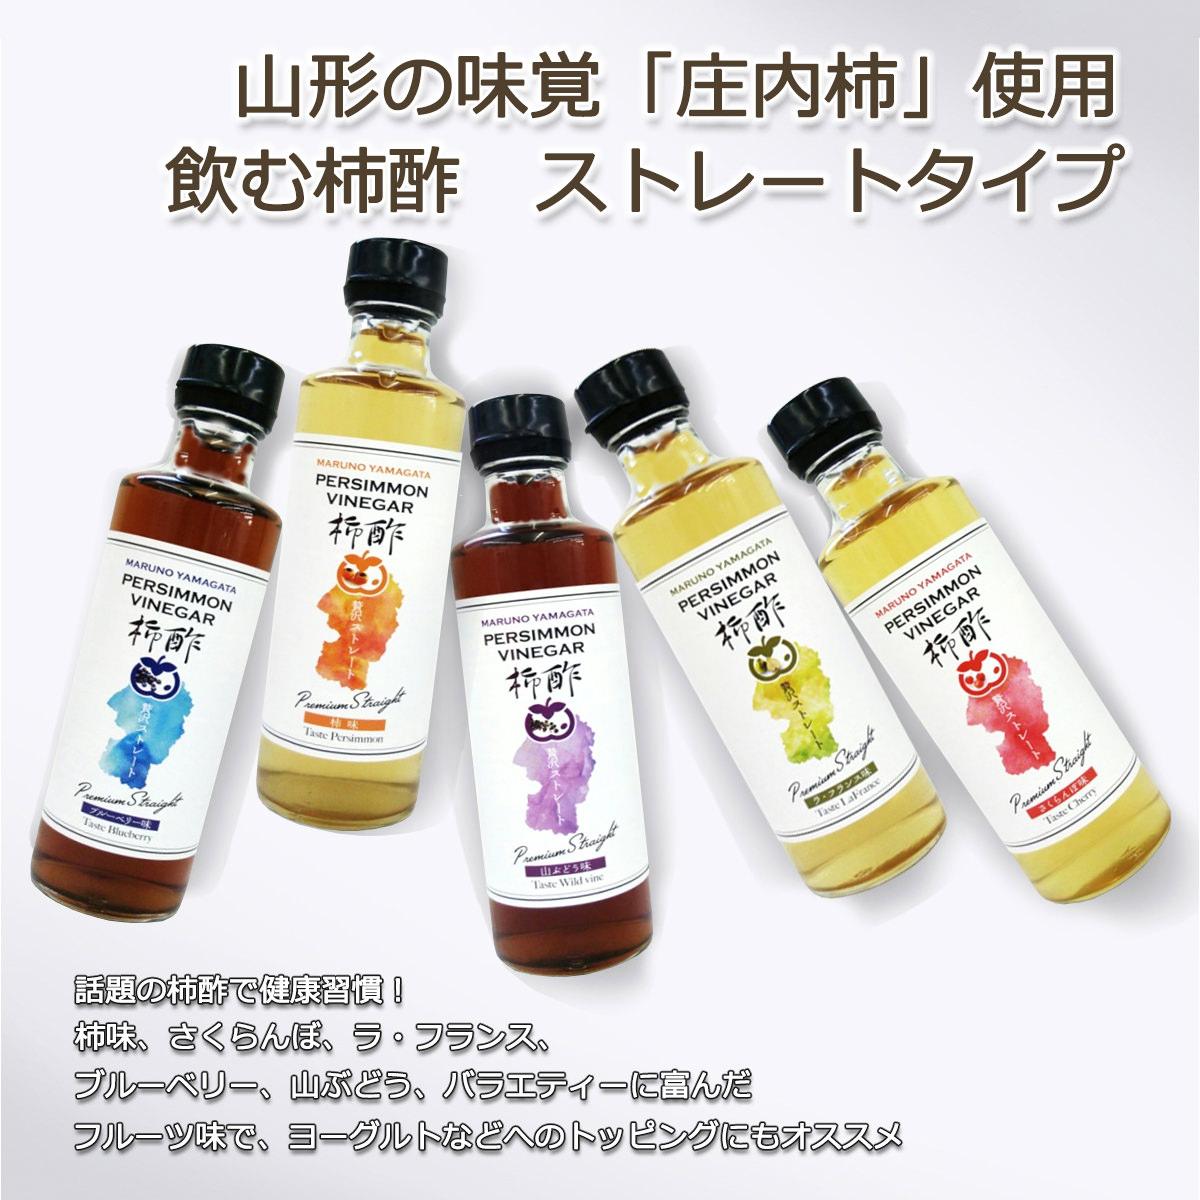 庄内特産!まろやか柿酢ストレート5種セット   株式会社みどりサービス・山形県